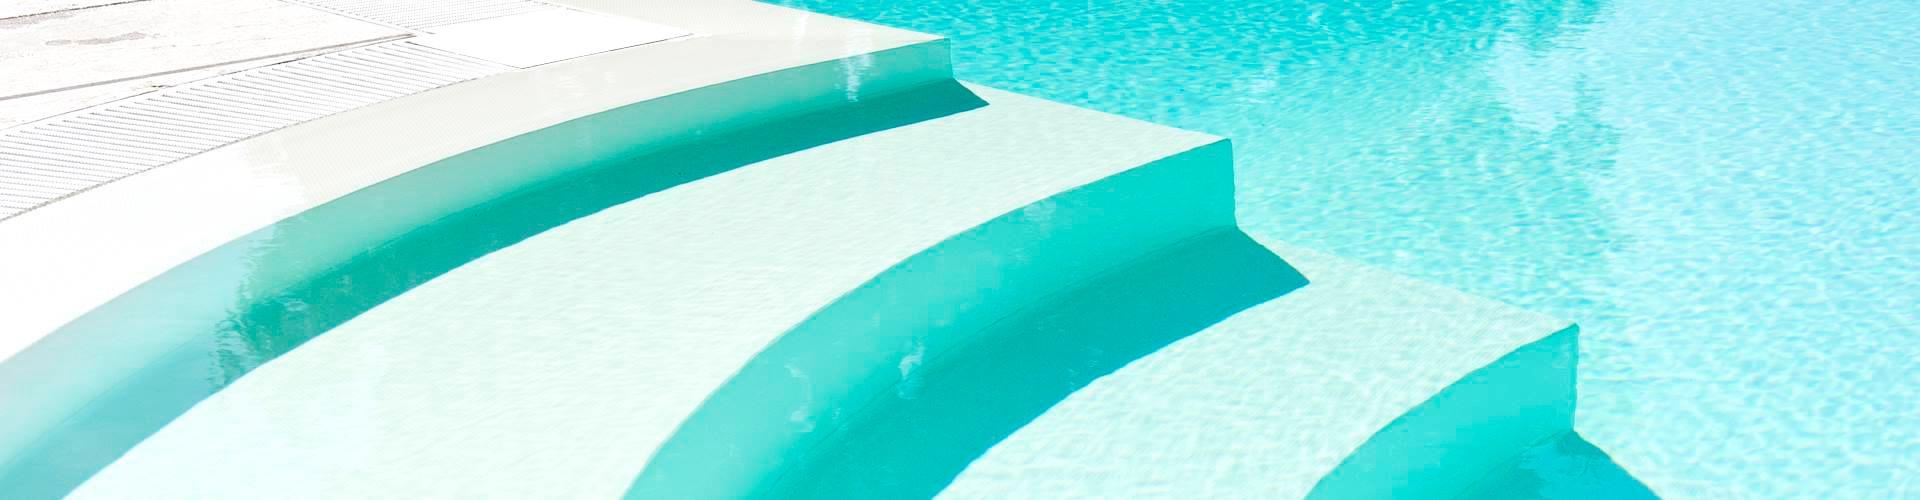 ... progettazione costruzione scale per piscine in muratura  Bonati